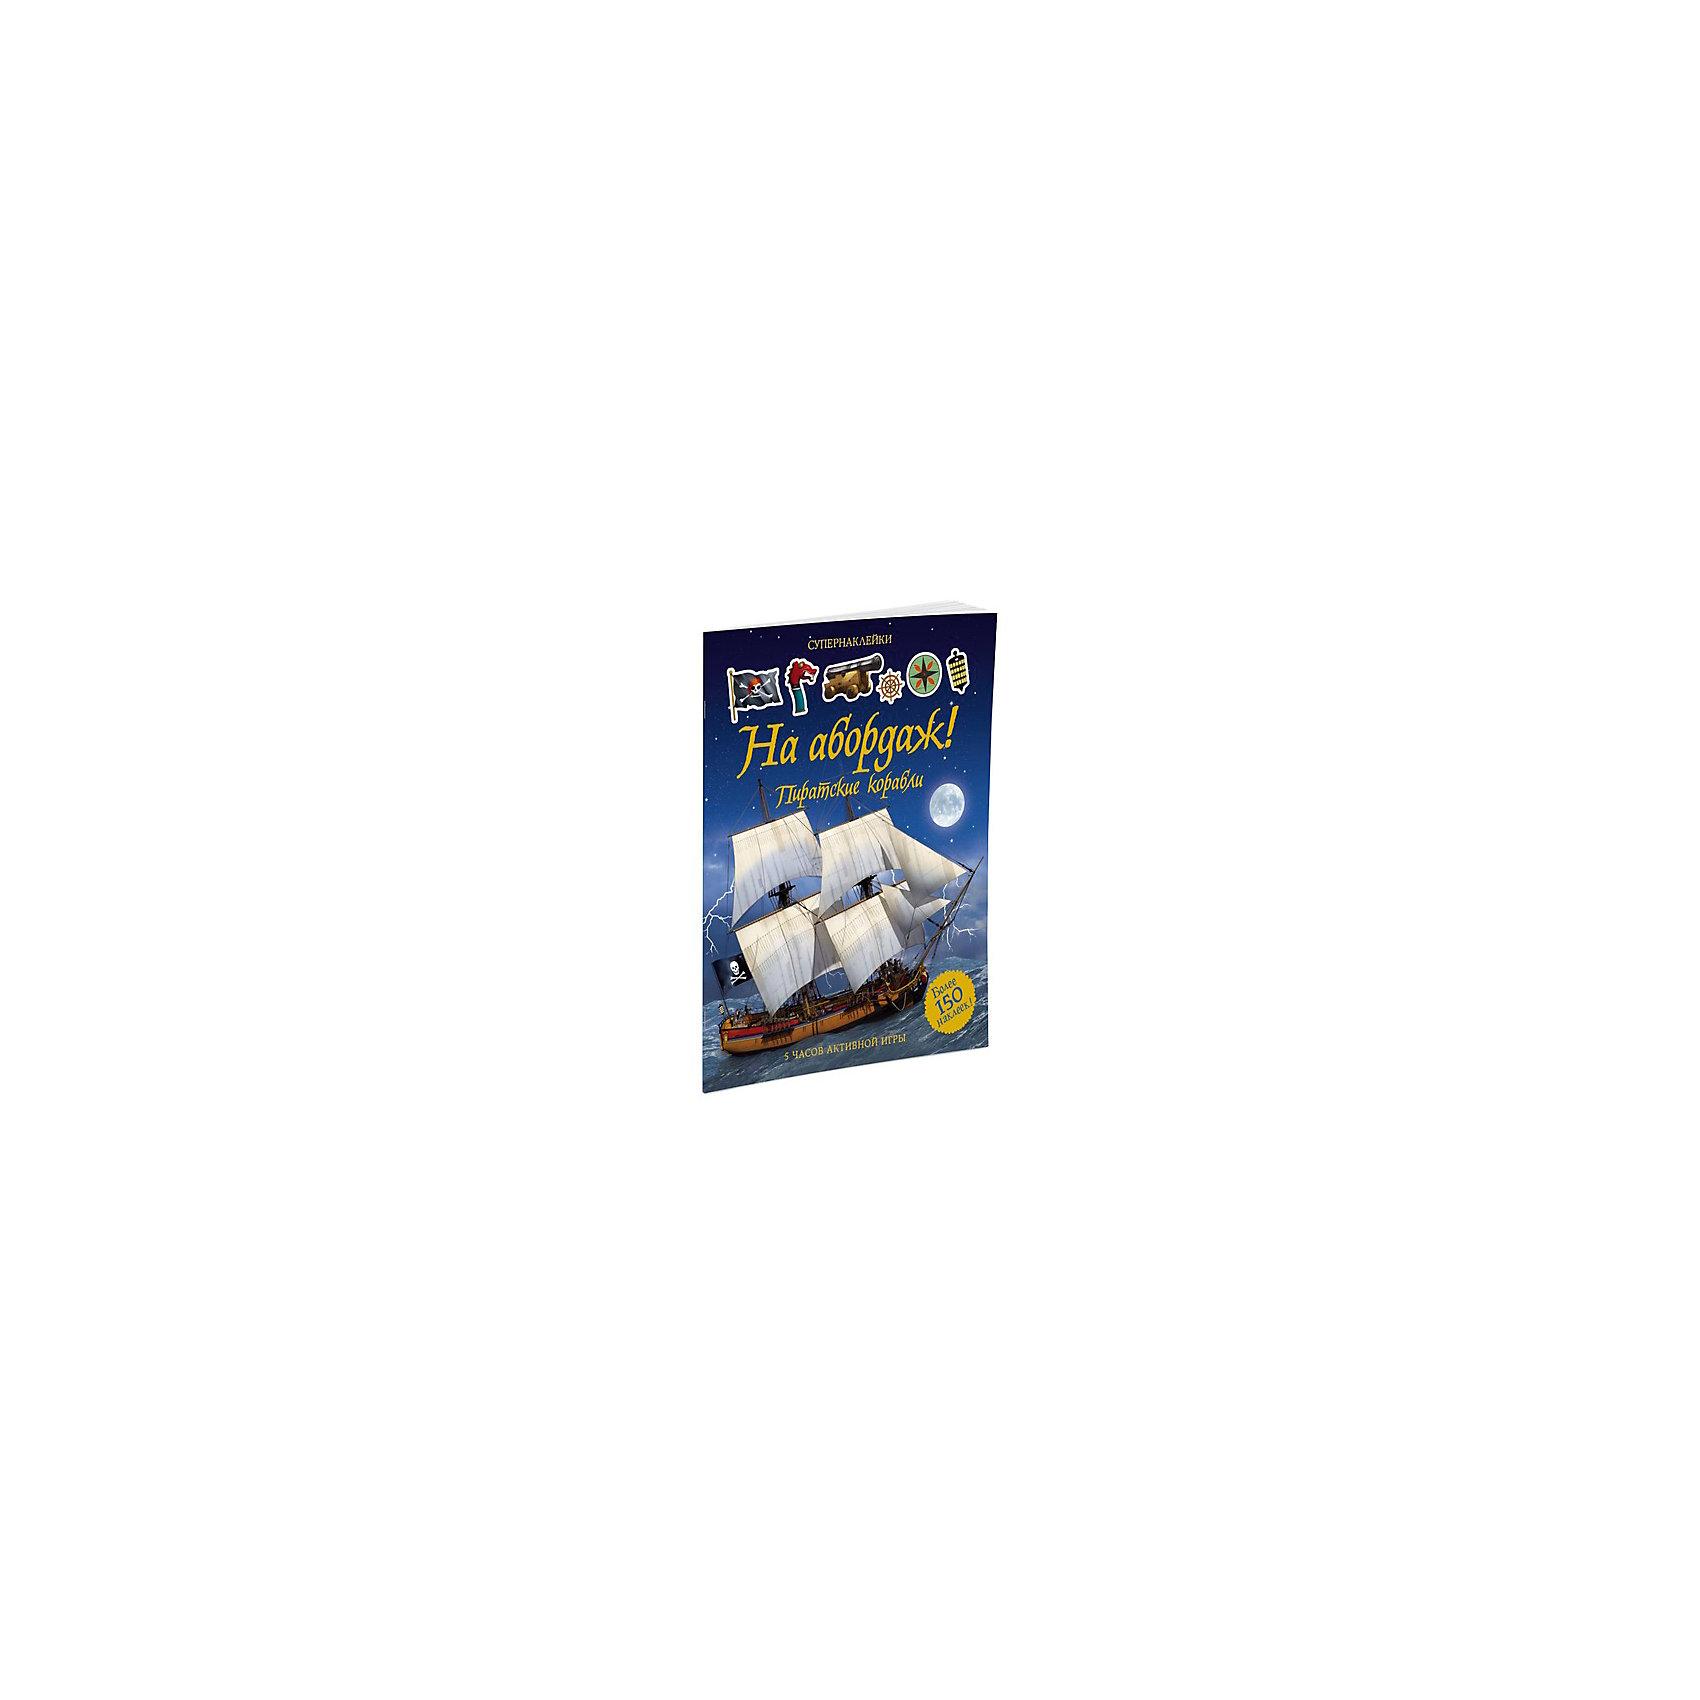 Наклейки На абордаж! Пиратские корабли, MACHAONКнижки с наклейками<br>Книжка На абордаж! Пиратские корабли.<br><br>Характеристики:<br><br>• Для детей в возрасте: от 12 месяцев до 3 лет<br>• Автор: С. Тадхоуп<br>• Переводчик: И. Евтишенков<br>• Иллюстратор: Л. Дерьен<br>• Издательство: Махаон, 2017 год<br>• Серия: Супернаклейки<br>• Тип обложки: мягкий переплет (крепление скрепкой или клеем)<br>• Оформление: с наклейками (более 150 наклеек)<br>• Иллюстрации: цветные<br>• Количество страниц: 24<br>• Размер: 305x240x4 мм.<br>• Вес: 302 гр.<br>• ISBN: 9785389122598<br><br>На каких кораблях плавали пираты с берегов Японии, а на каких устраивали свои варварские набеги безжалостные викинги? Окунись в захватывающий мир морских разбойников, а с помощью наклеек сделай каждый корабль уникальным.<br><br>Книжку На абордаж! Пиратские корабли можно купить в нашем интернет-магазине.<br><br>Ширина мм: 305<br>Глубина мм: 240<br>Высота мм: 40<br>Вес г: 302<br>Возраст от месяцев: 12<br>Возраст до месяцев: 36<br>Пол: Мужской<br>Возраст: Детский<br>SKU: 5493461